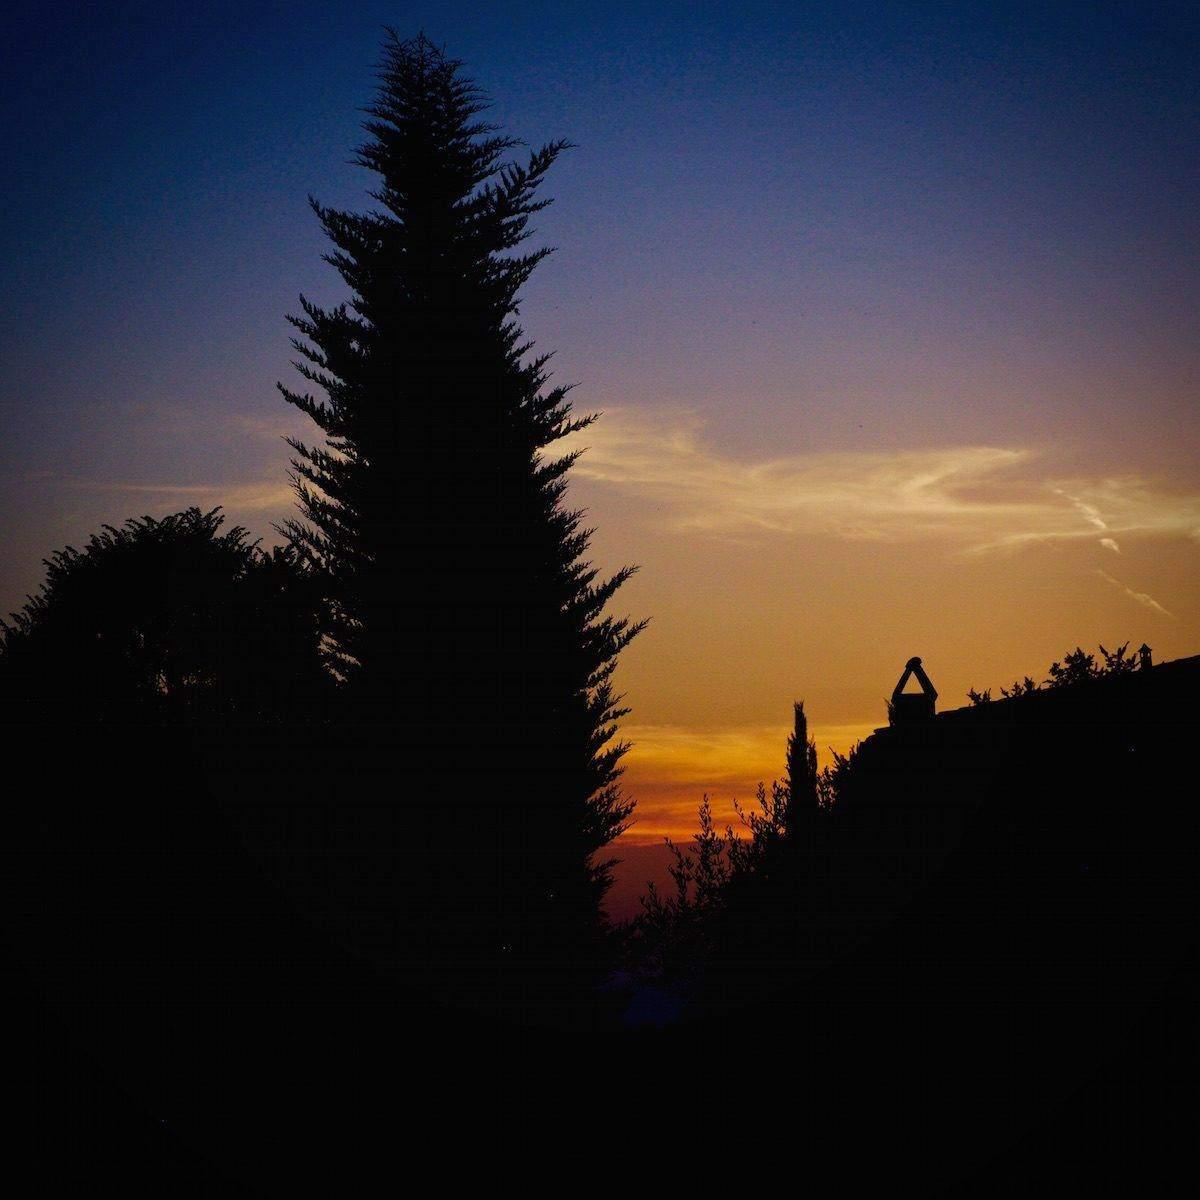 sunset toscana